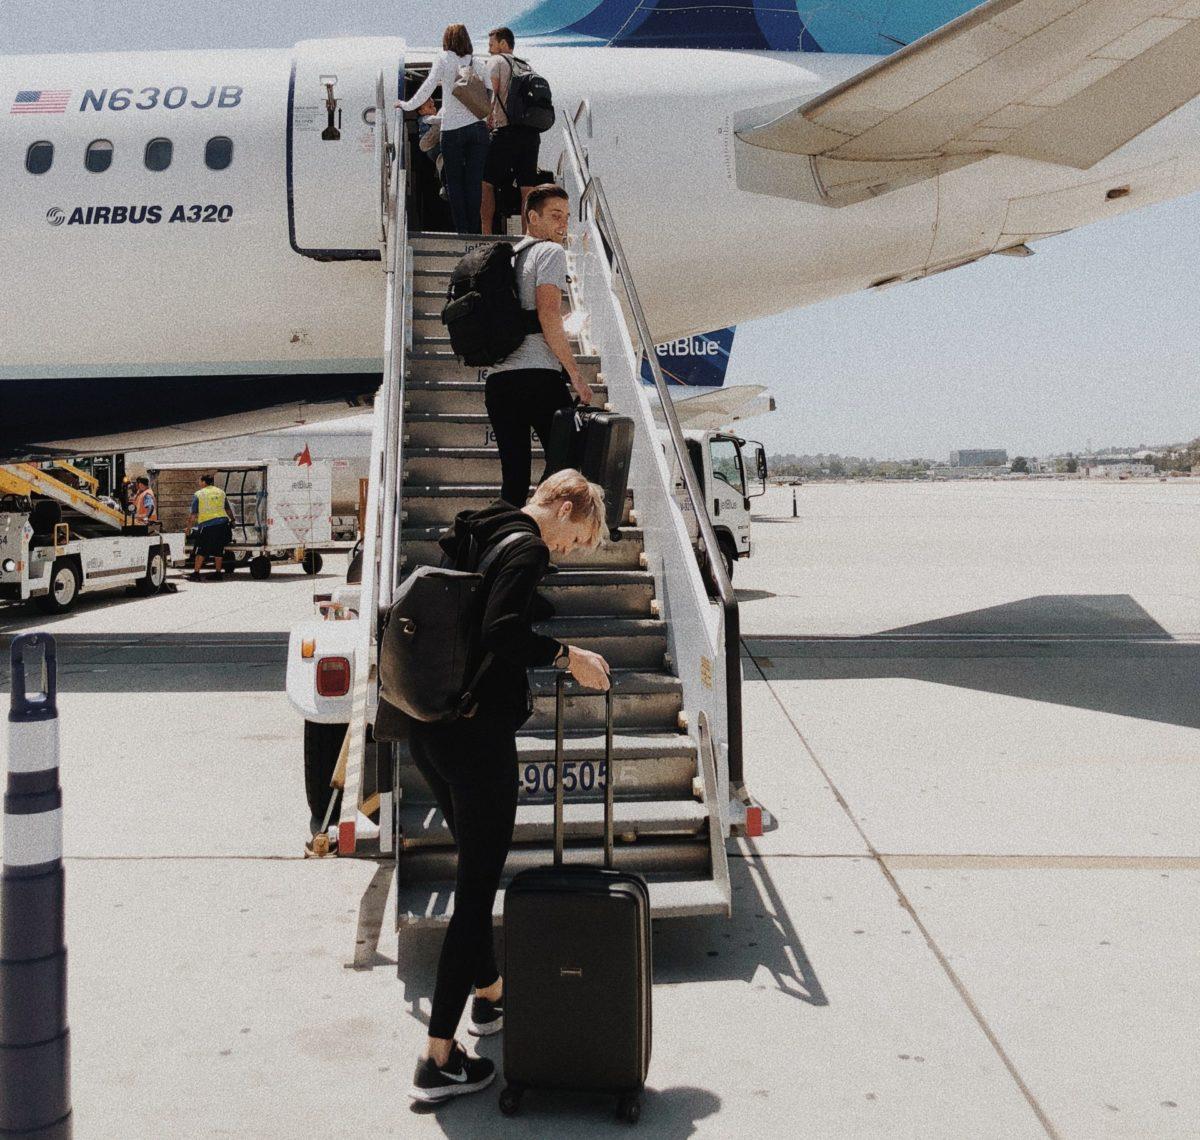 Rucksack Handgepäck mit Leuten beim boarden des Flugzeugs